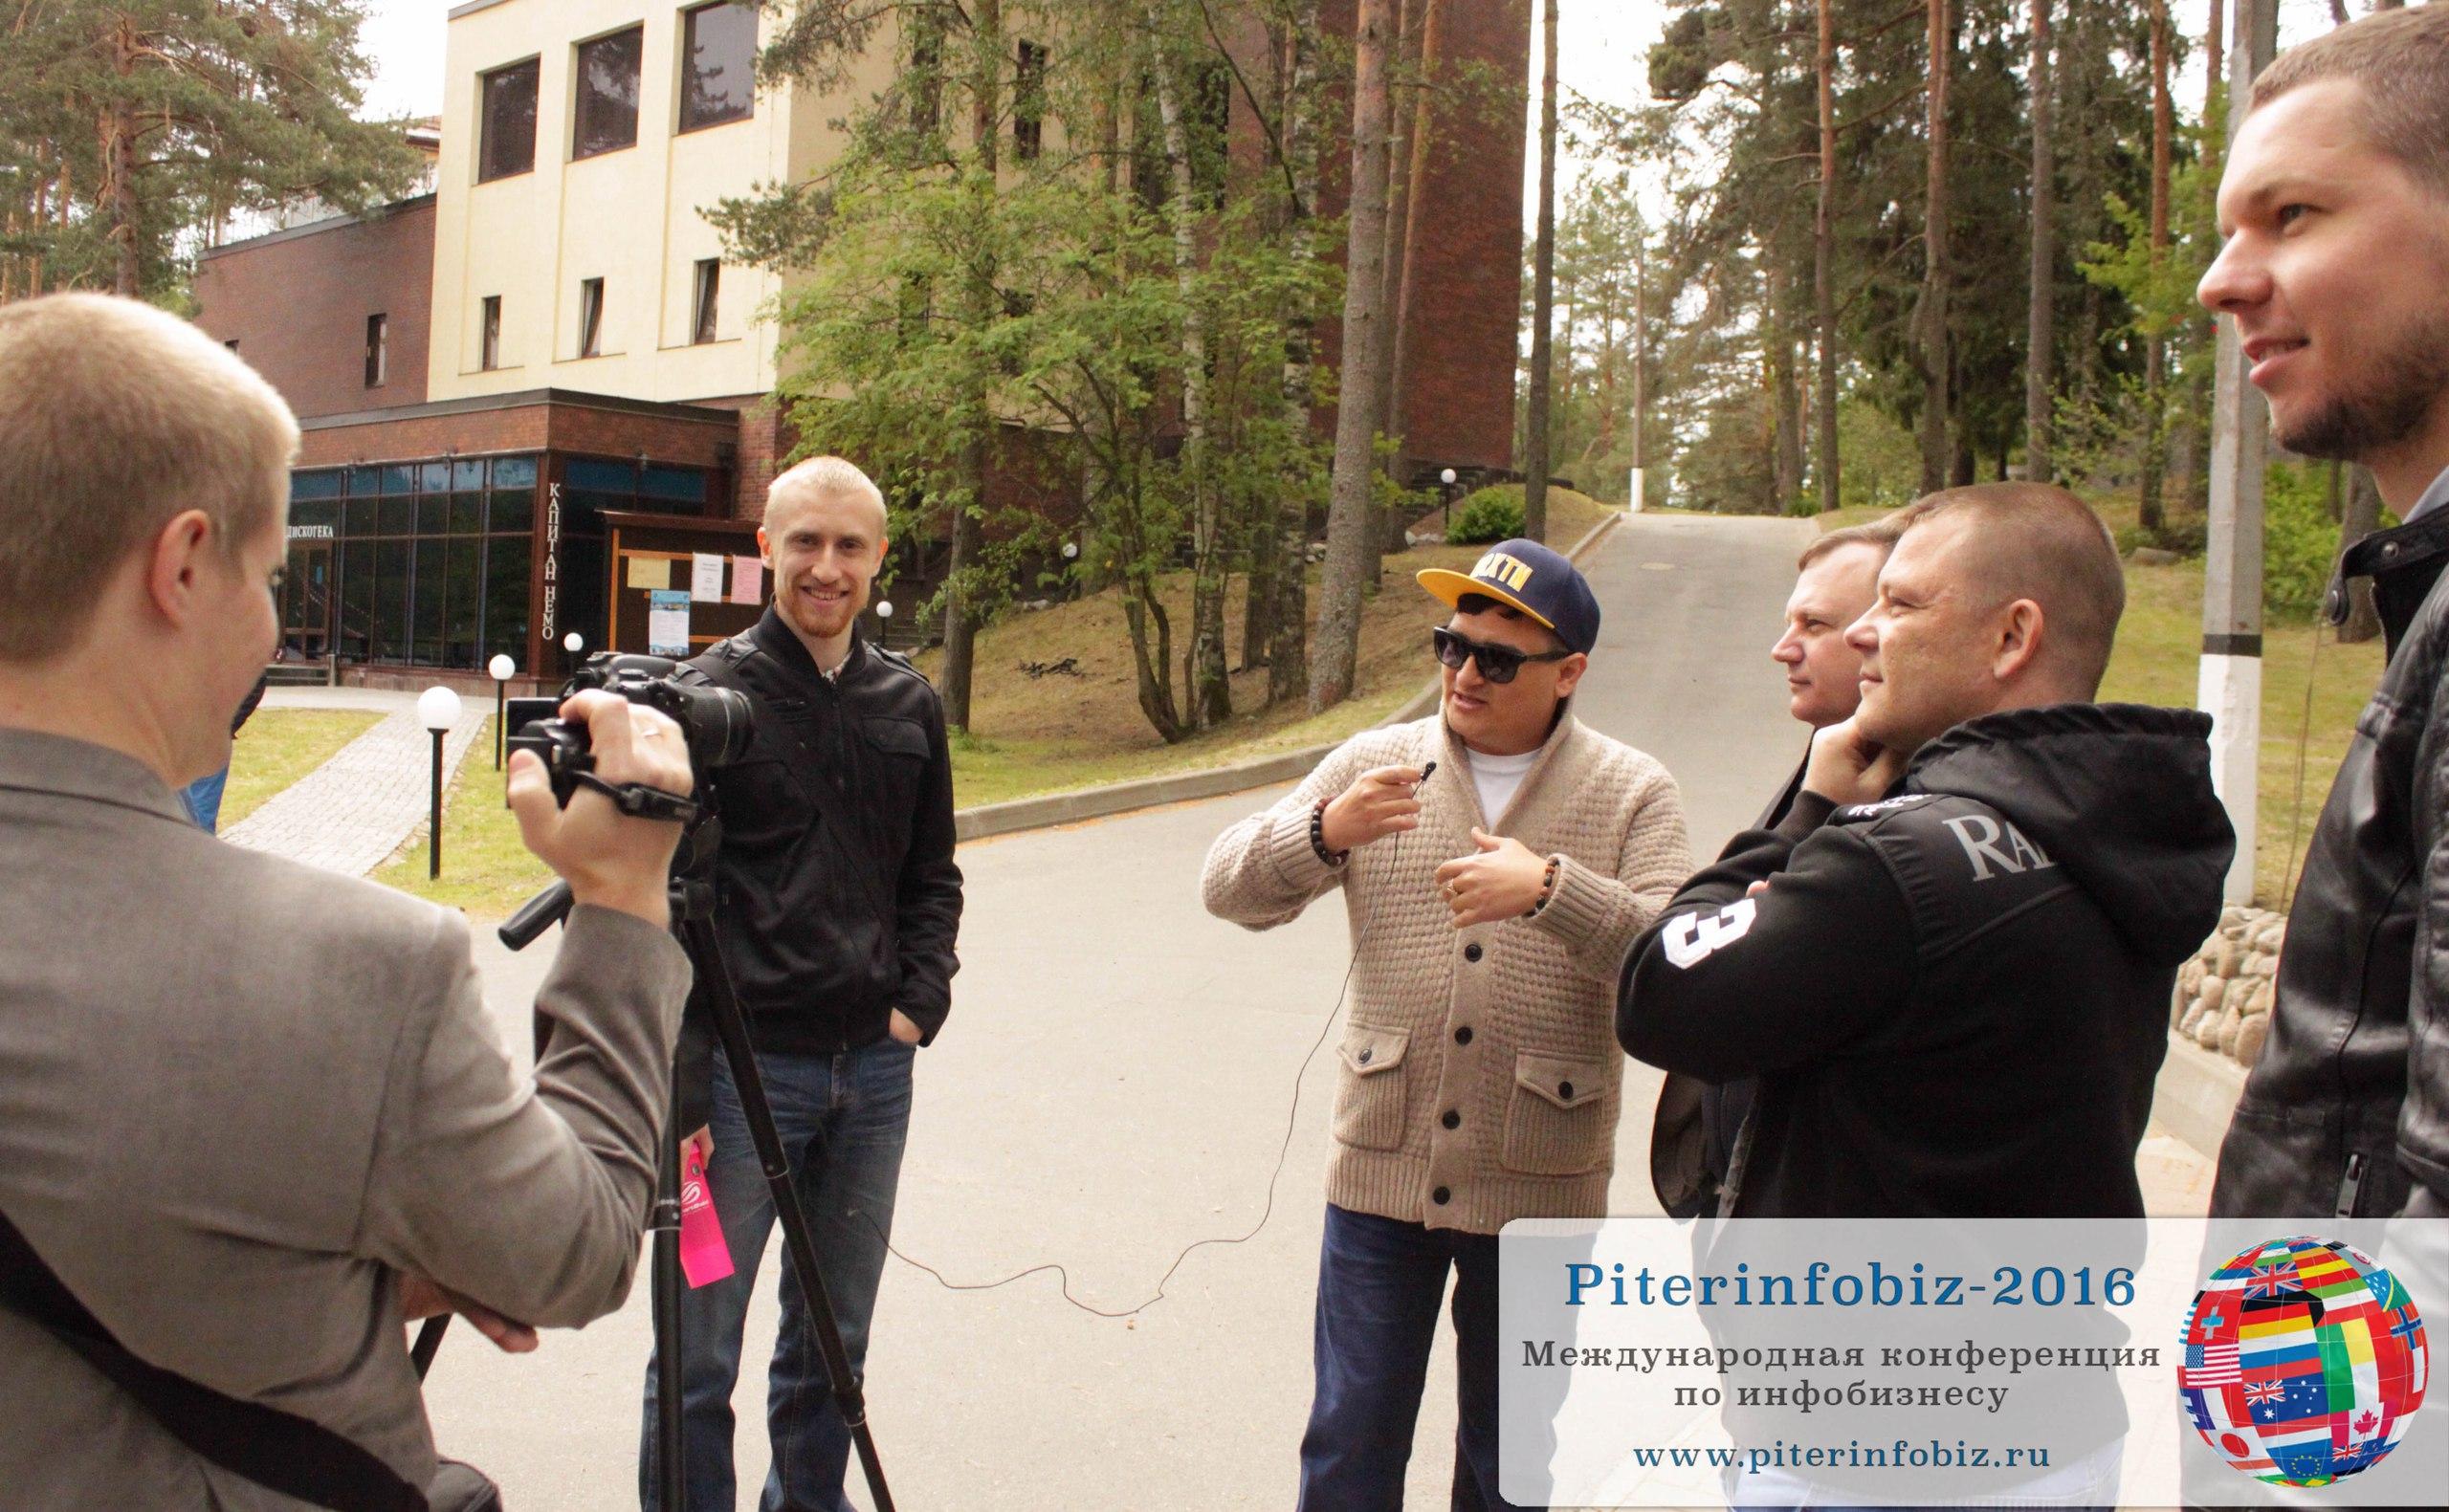 Артём Плешков записывает отзыв о конференции Piterinfobiz-2016